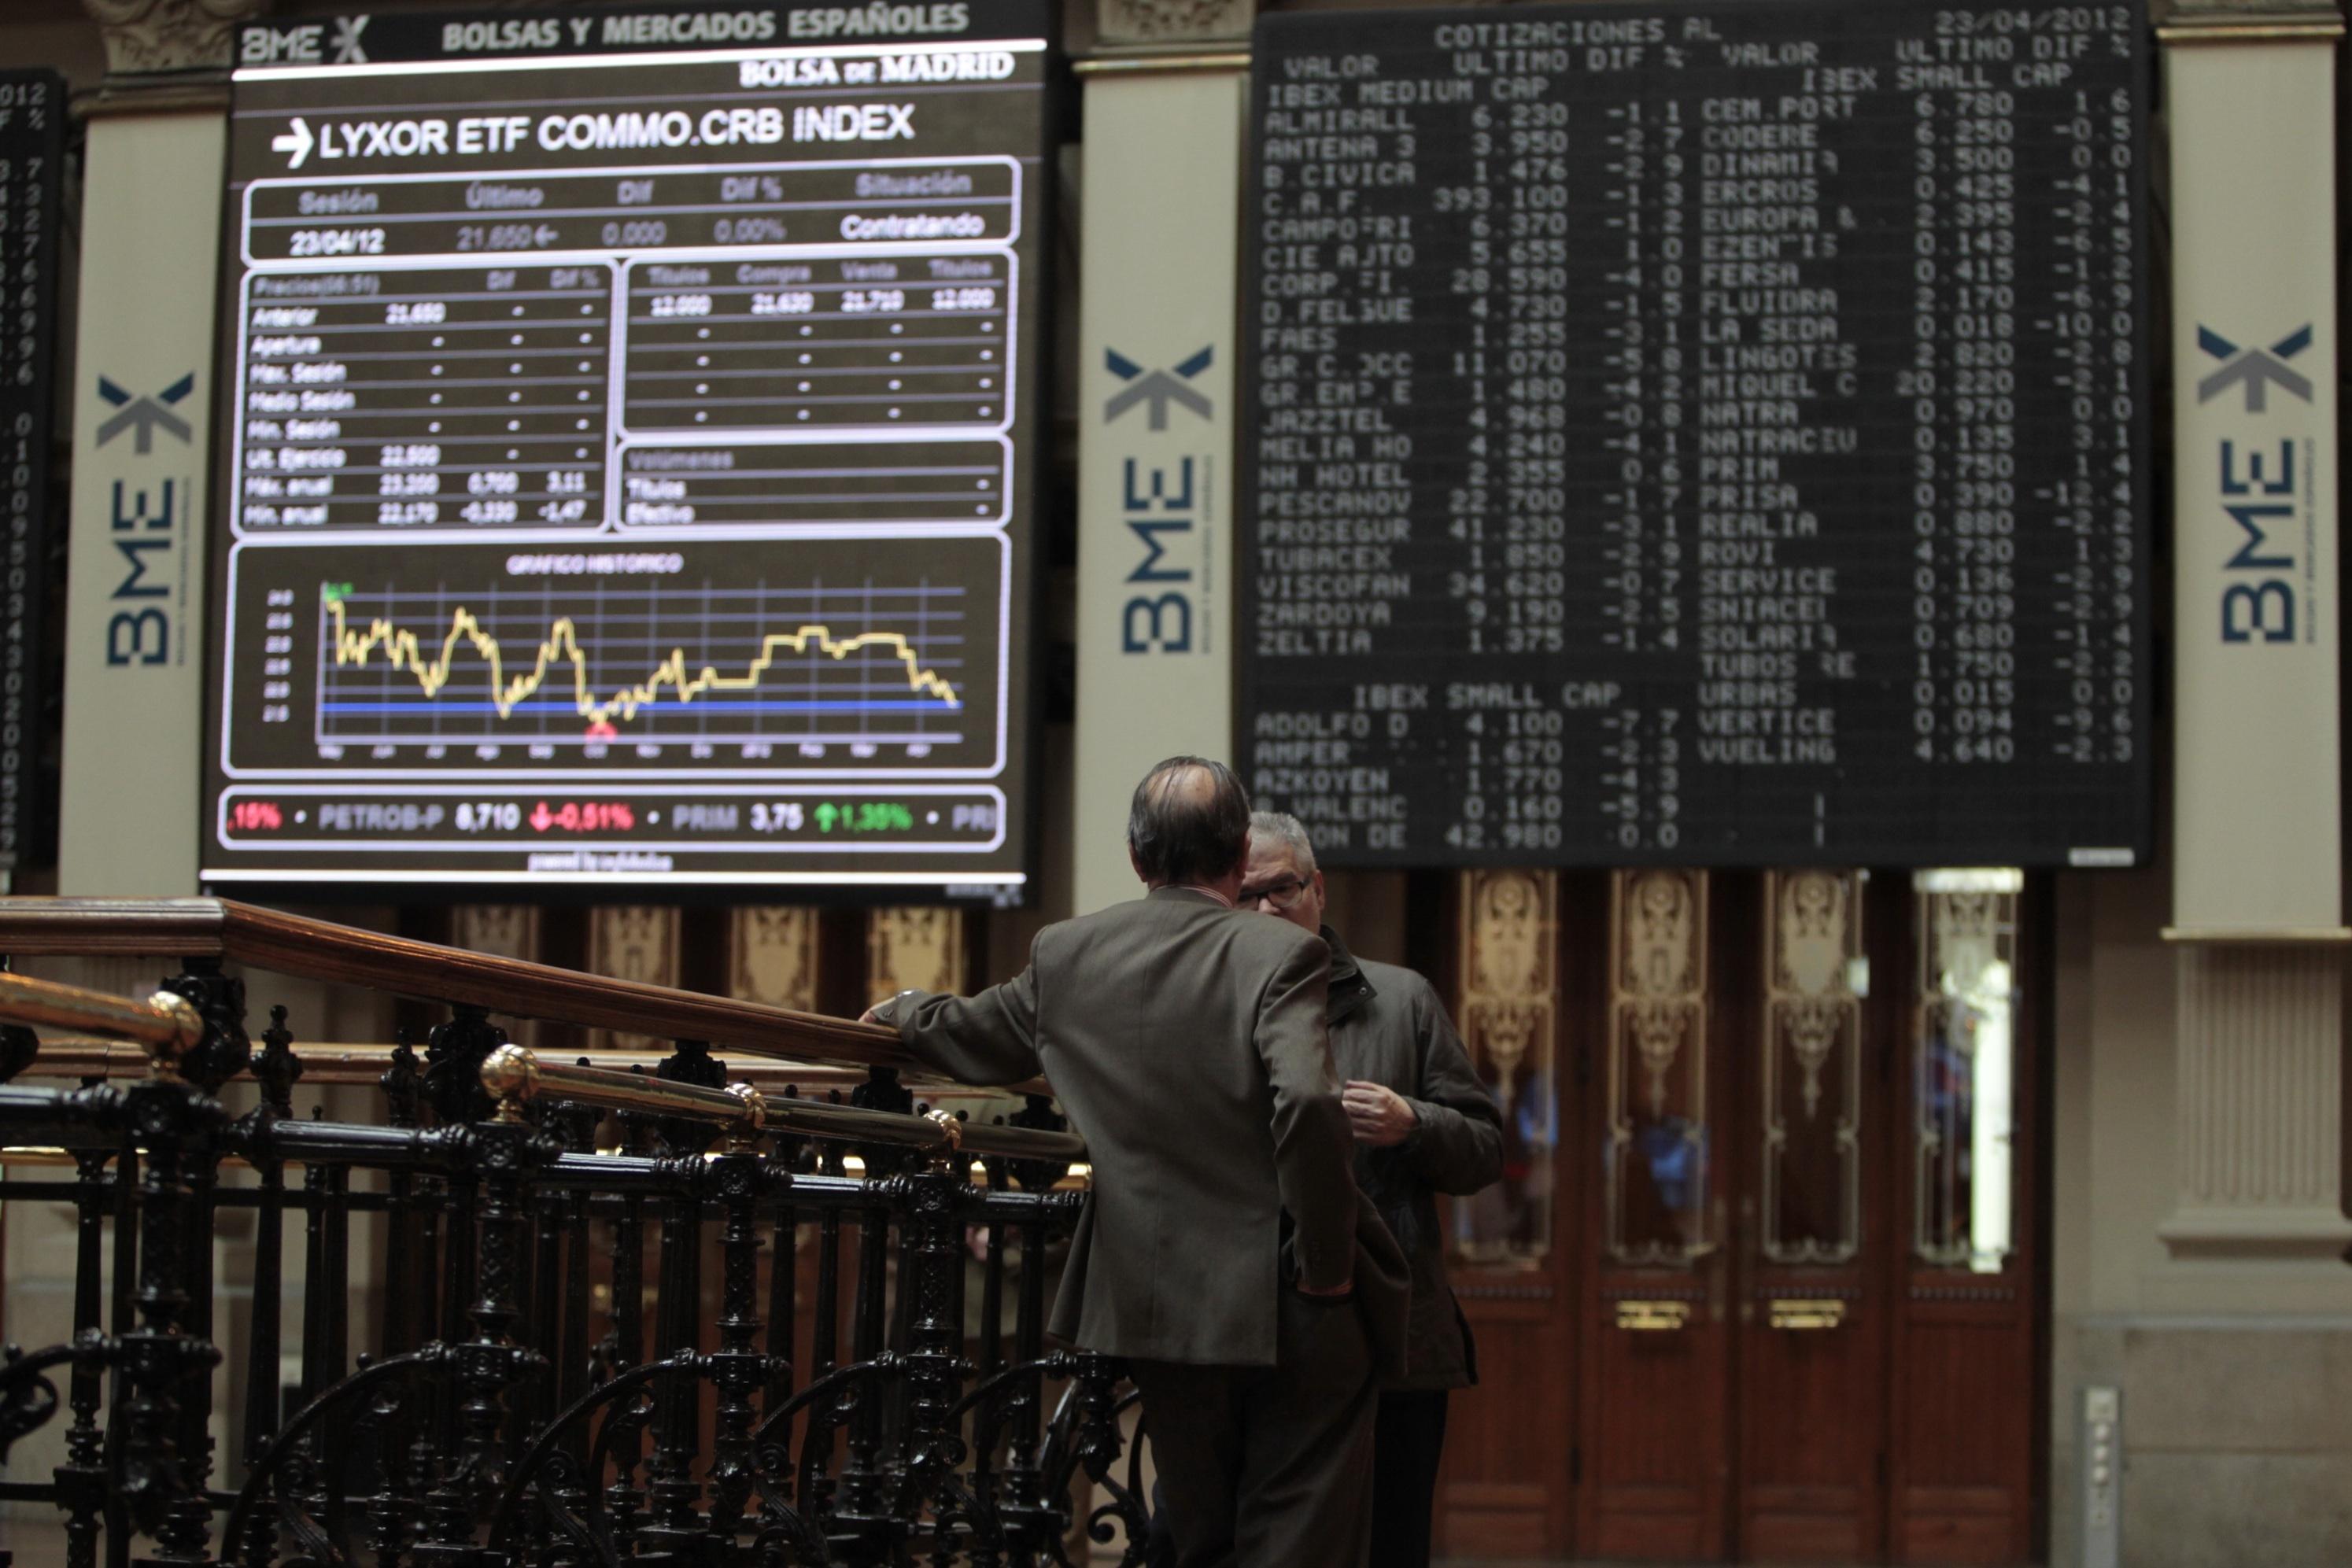 El Ibex se impulsa un 1,85% y se instala en los 7.900 puntos tras los buenos datos del paro en EE.UU.